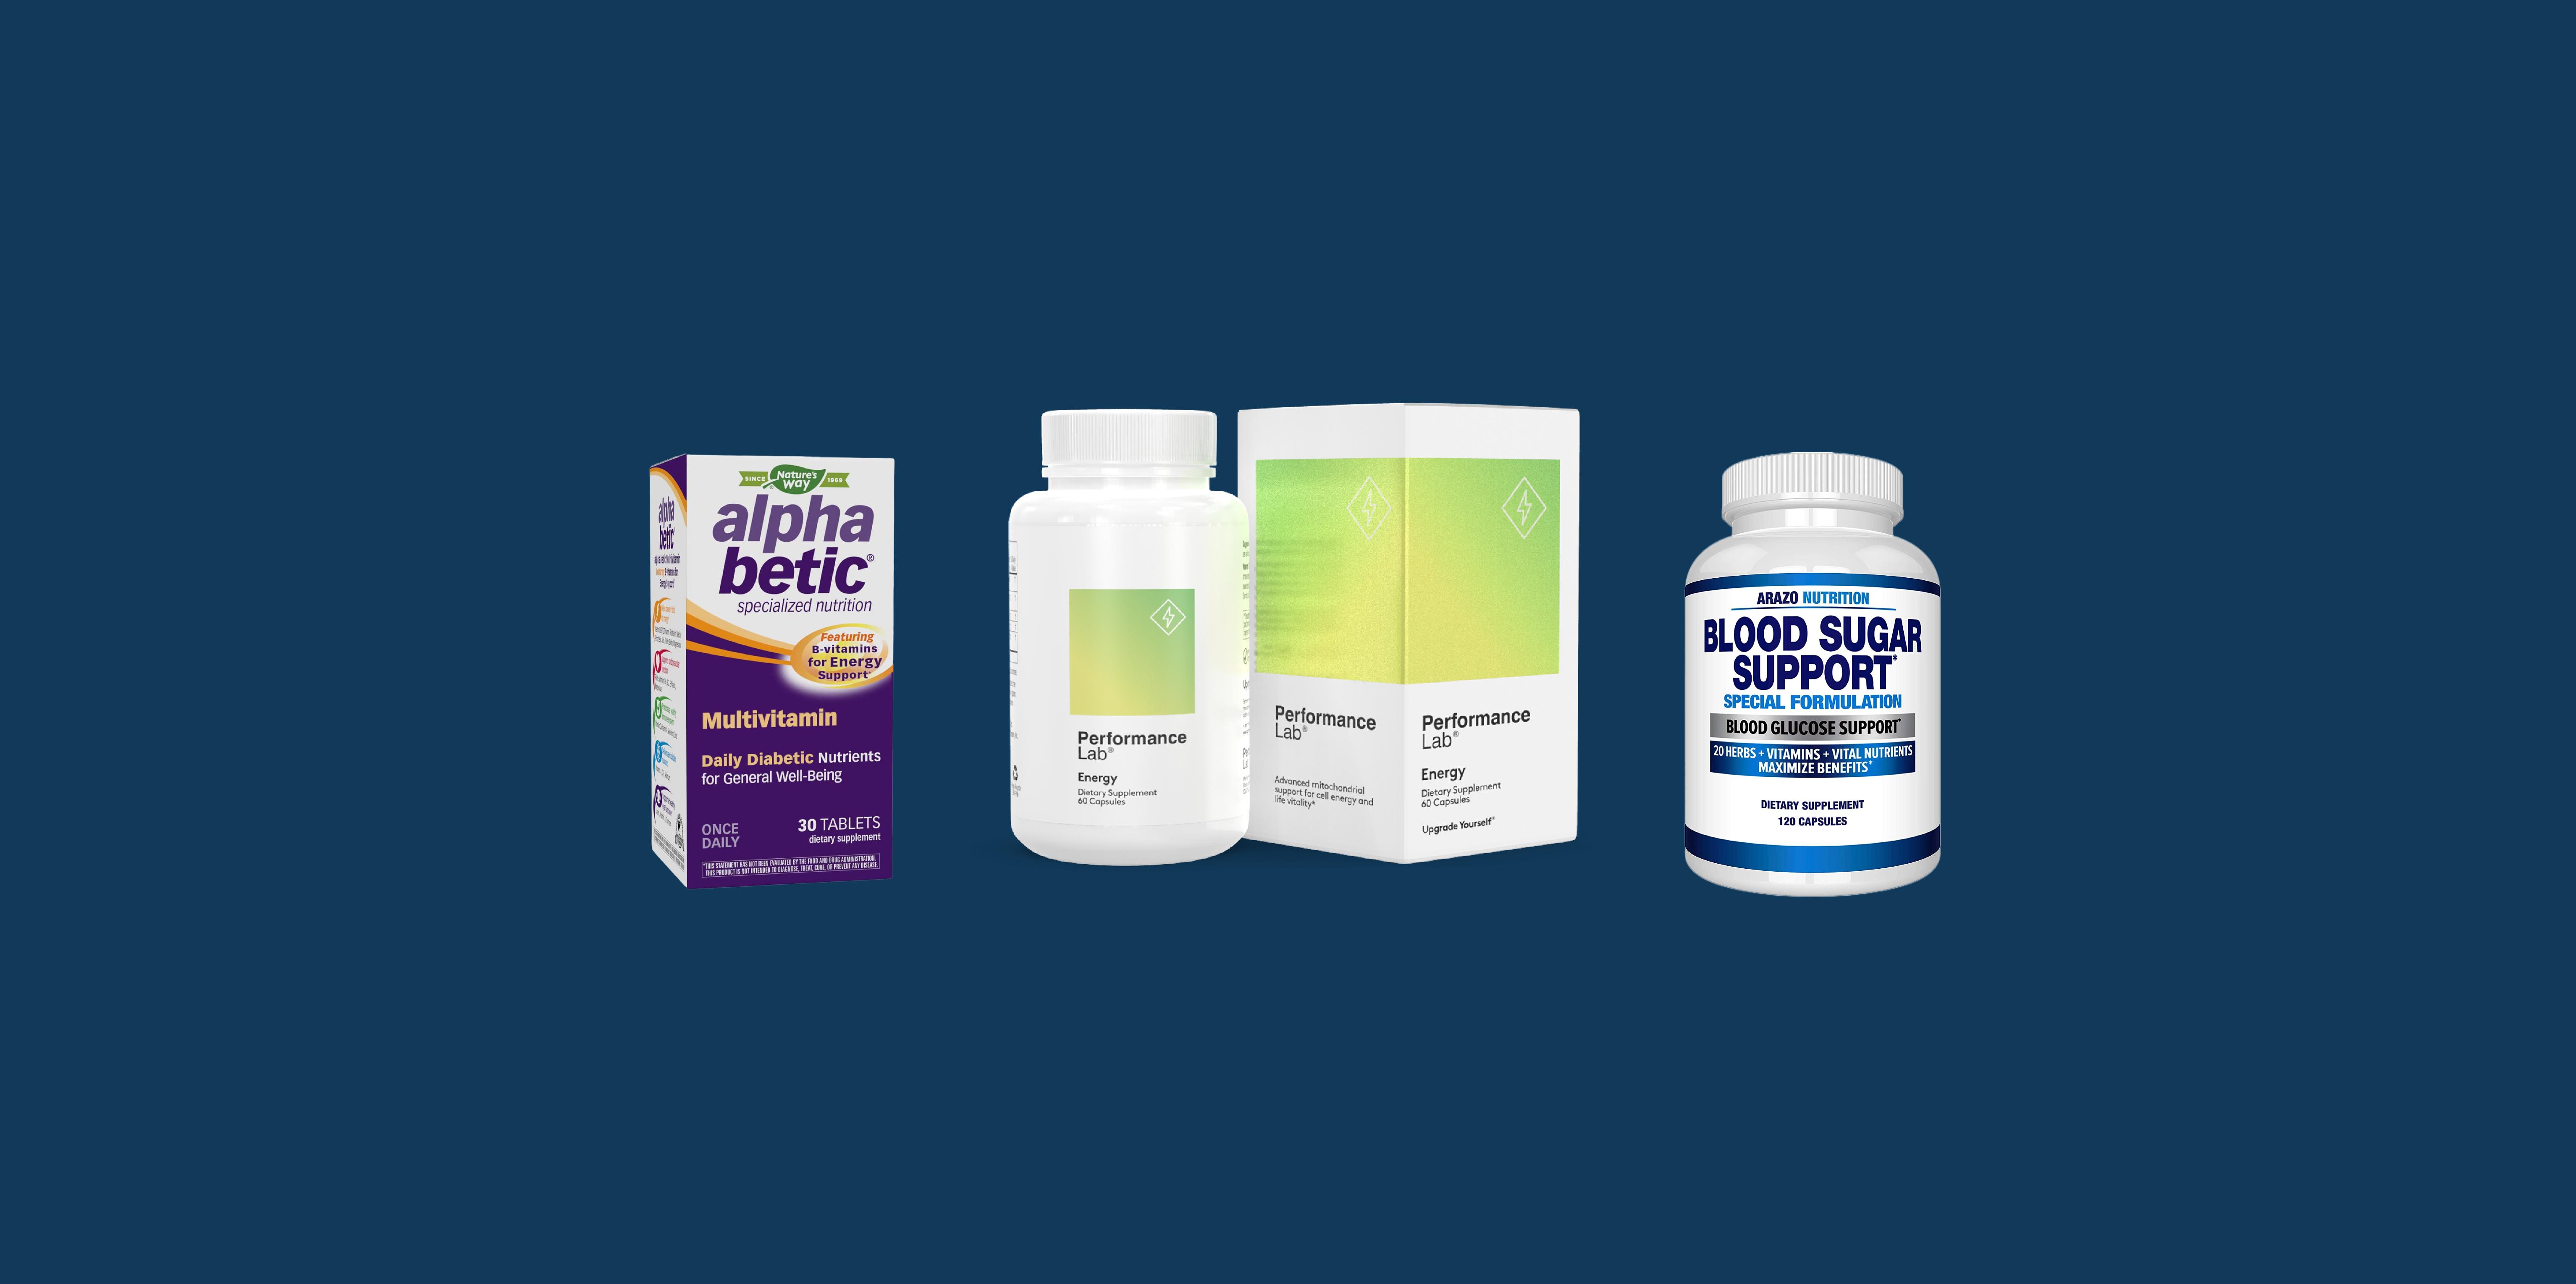 Best Multivitamin for Diabetics